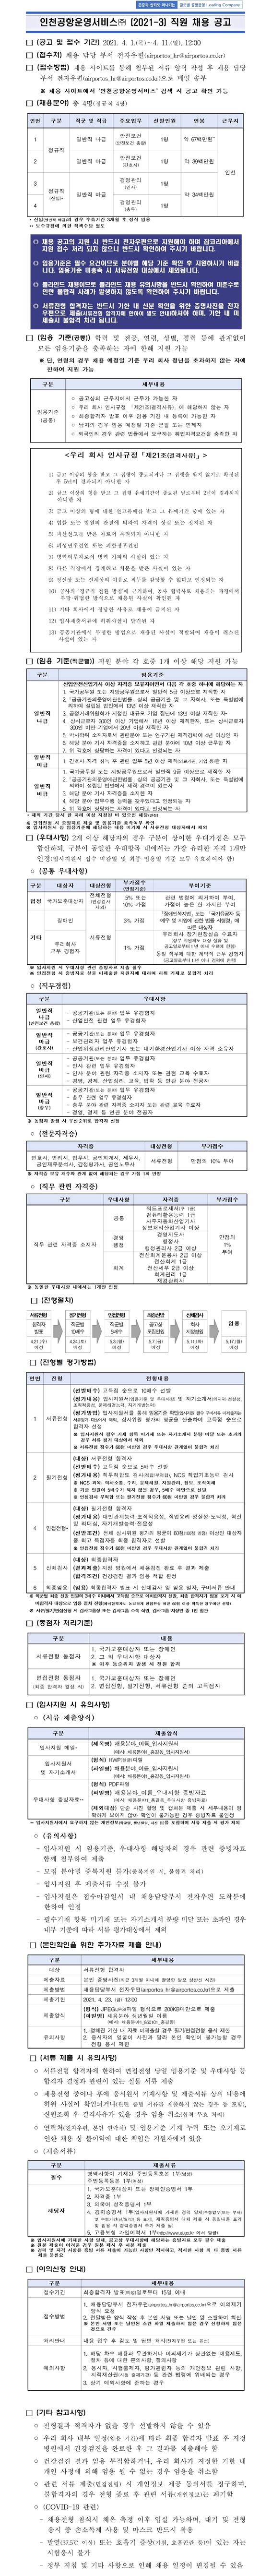 (2021-3) 직원 채용 공고(송부용).PNG